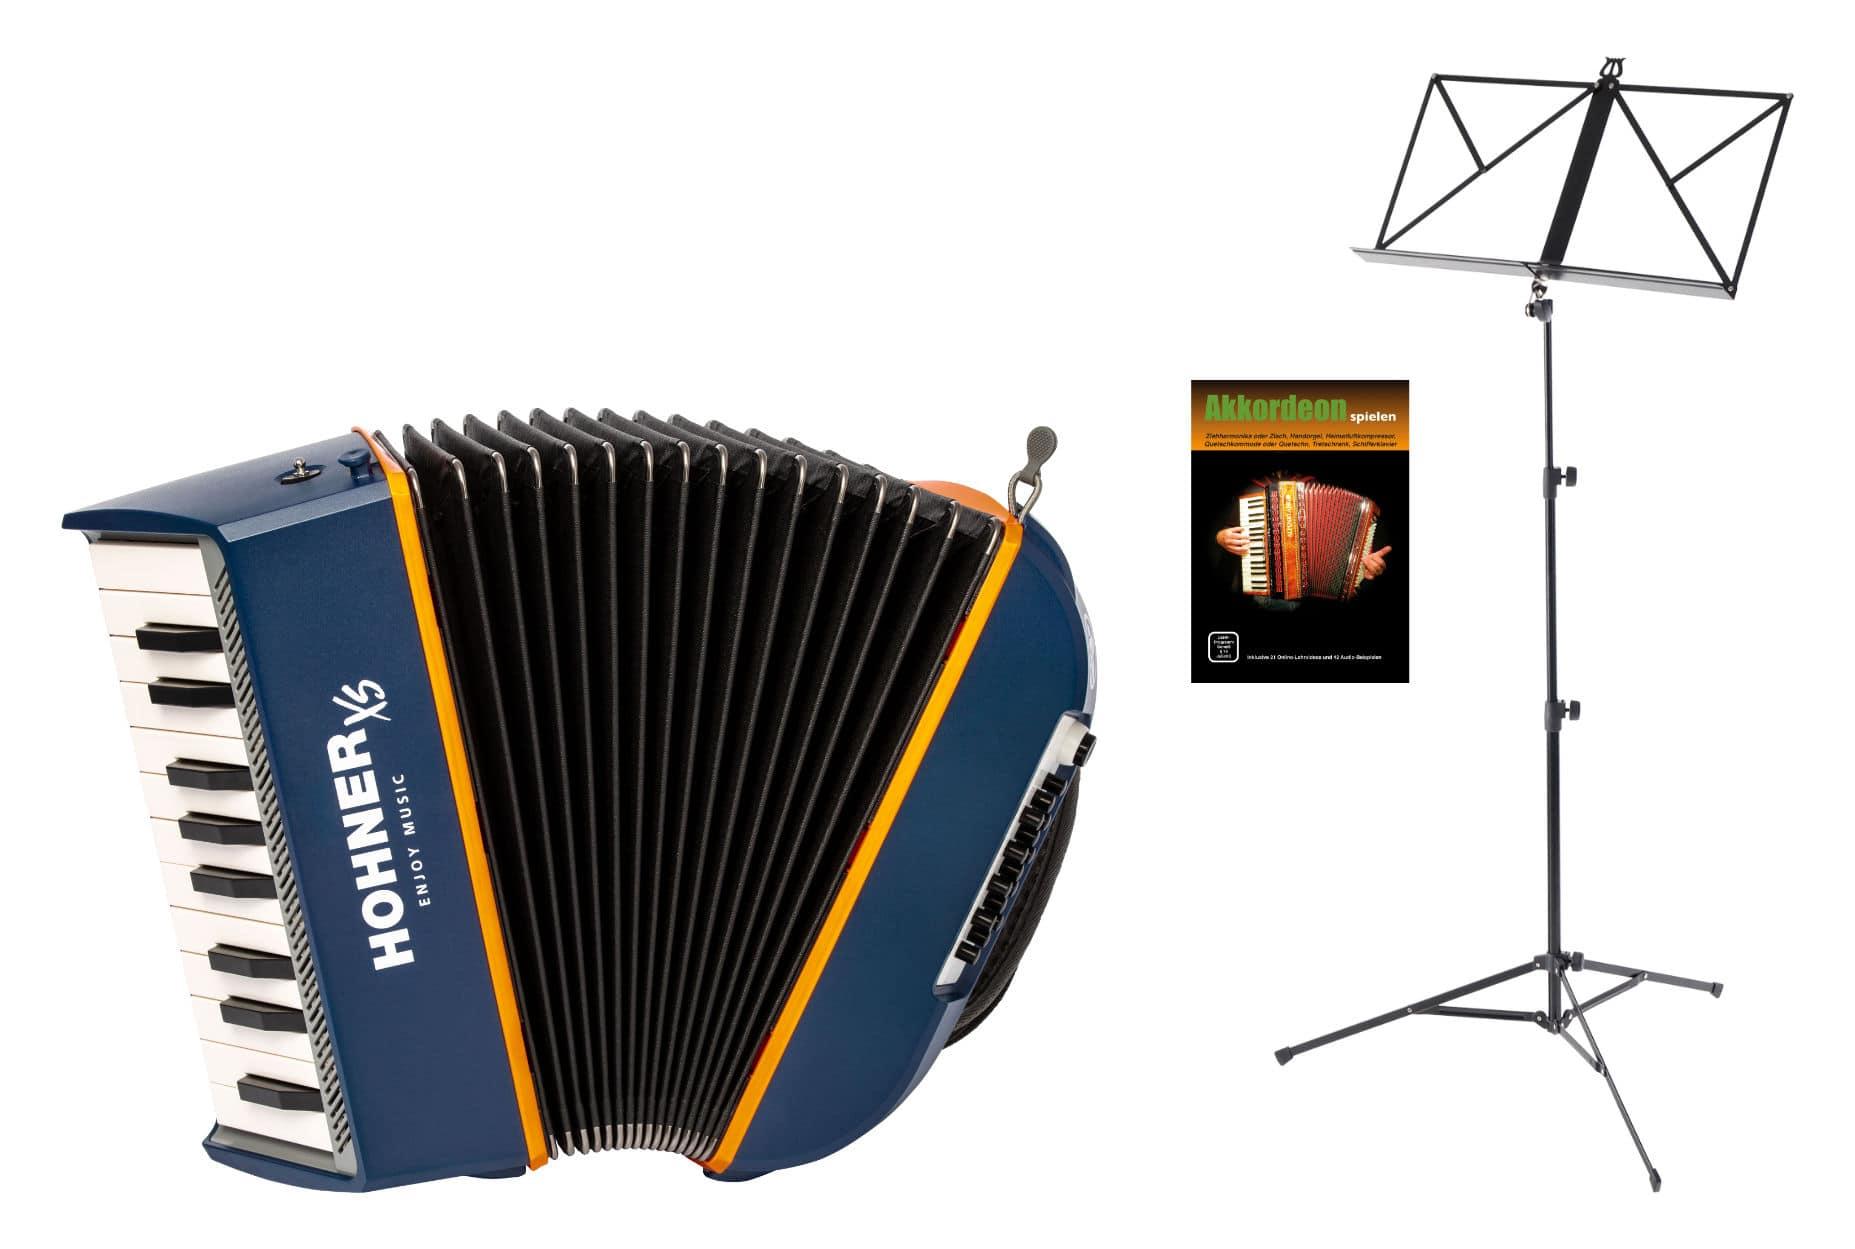 Akkordeons - Hohner XS Kinder Akkordeon Set Blau Orange - Onlineshop Musikhaus Kirstein